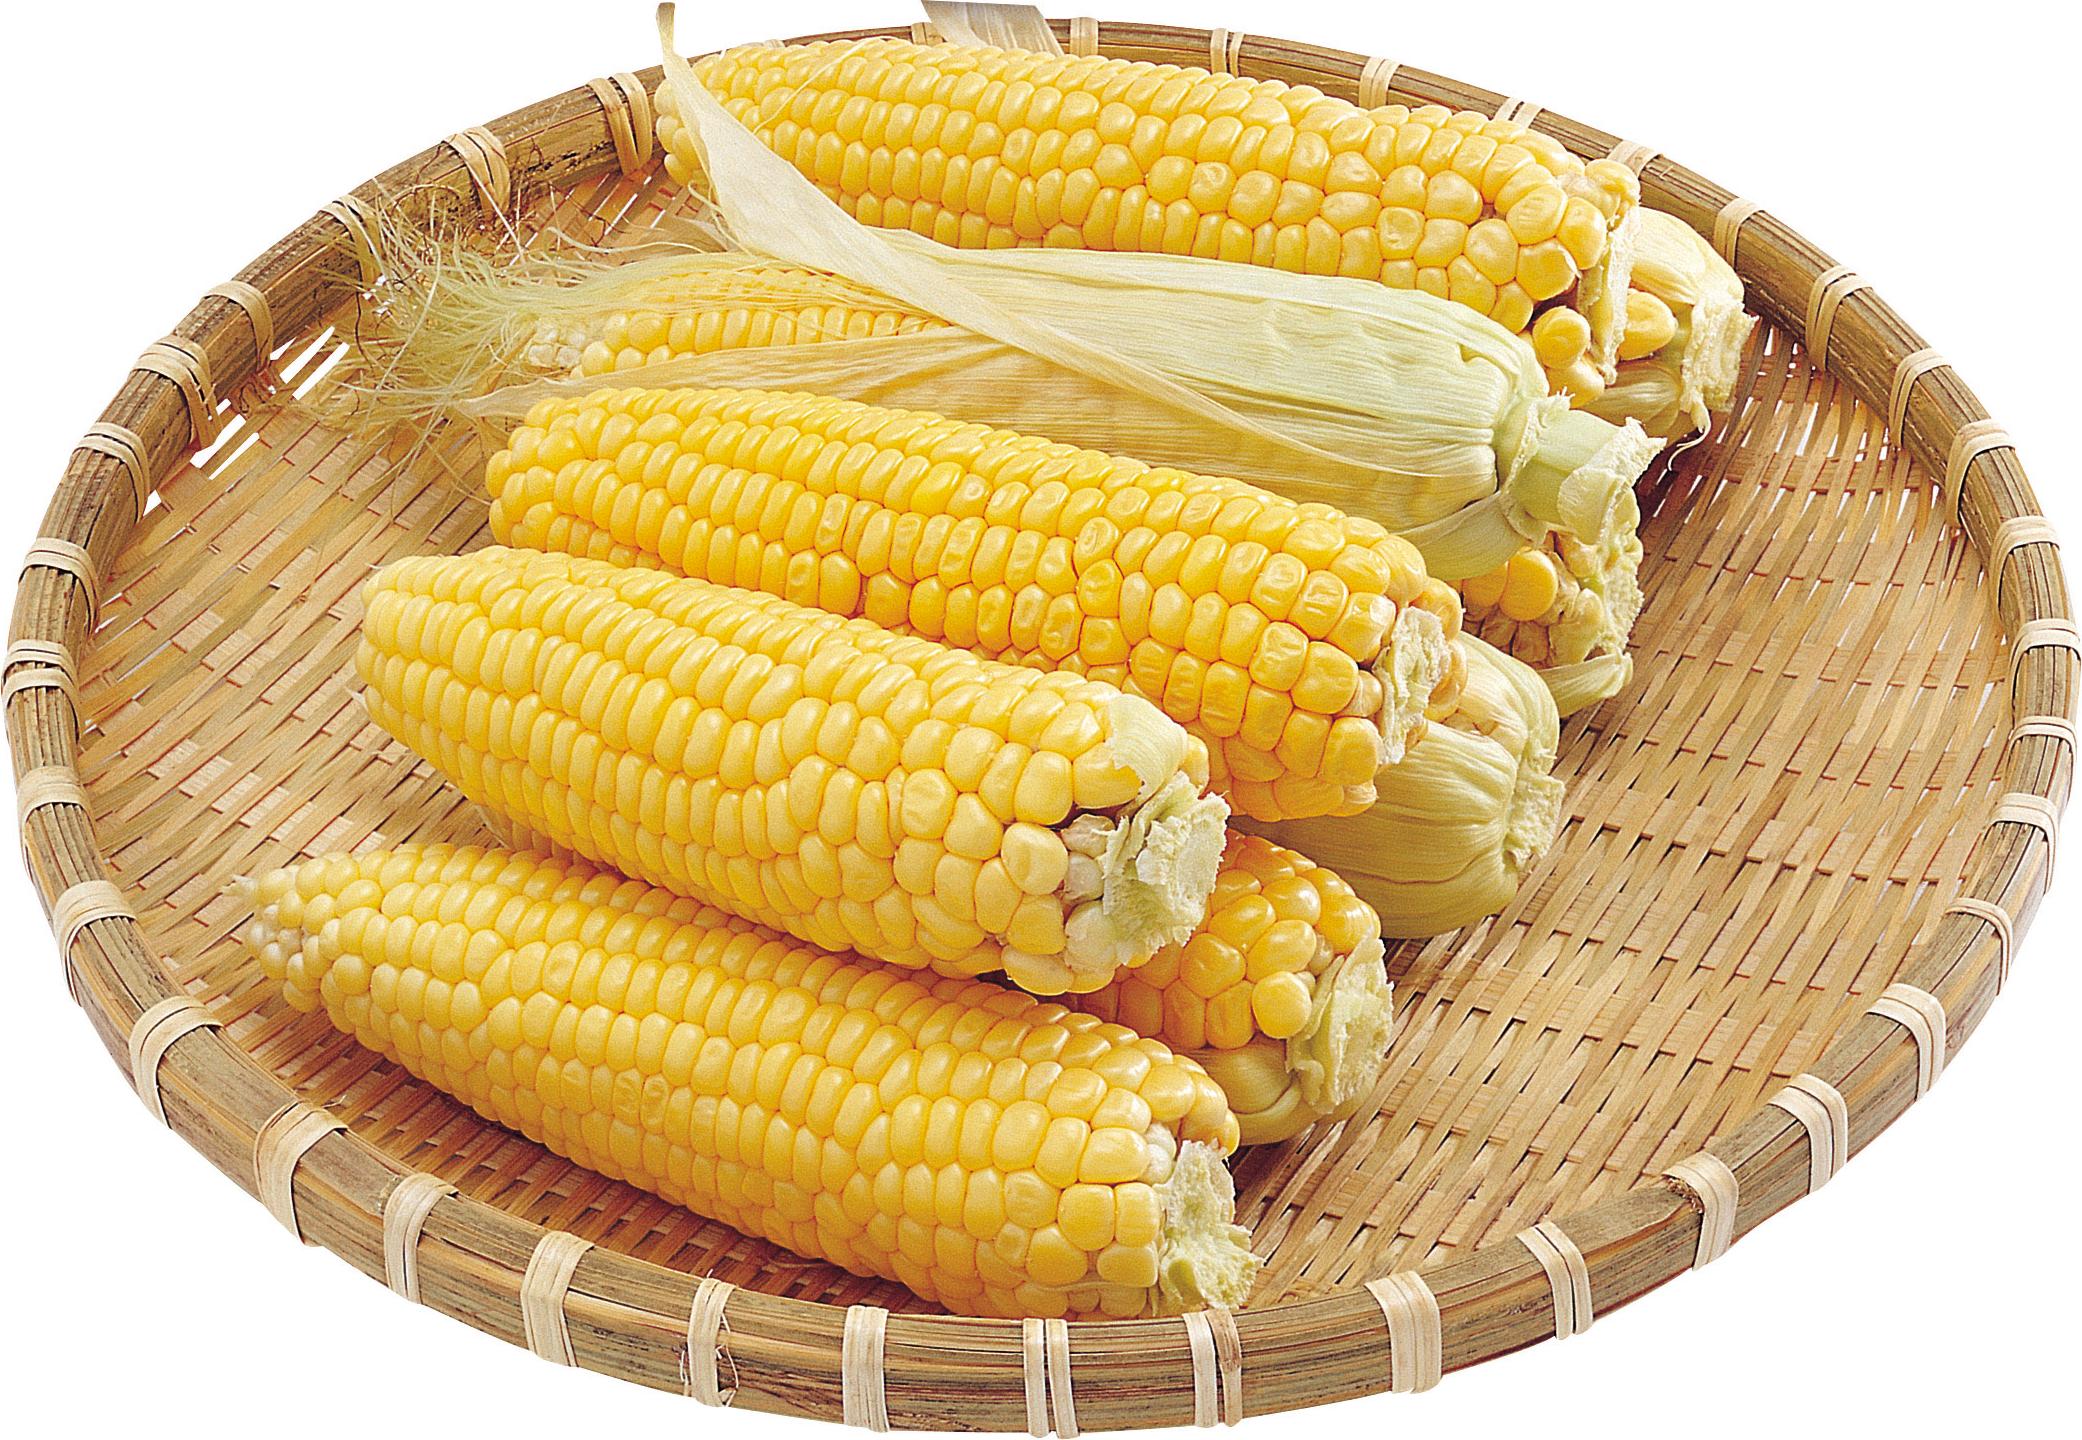 Png image purepng free. Flour clipart corn flour